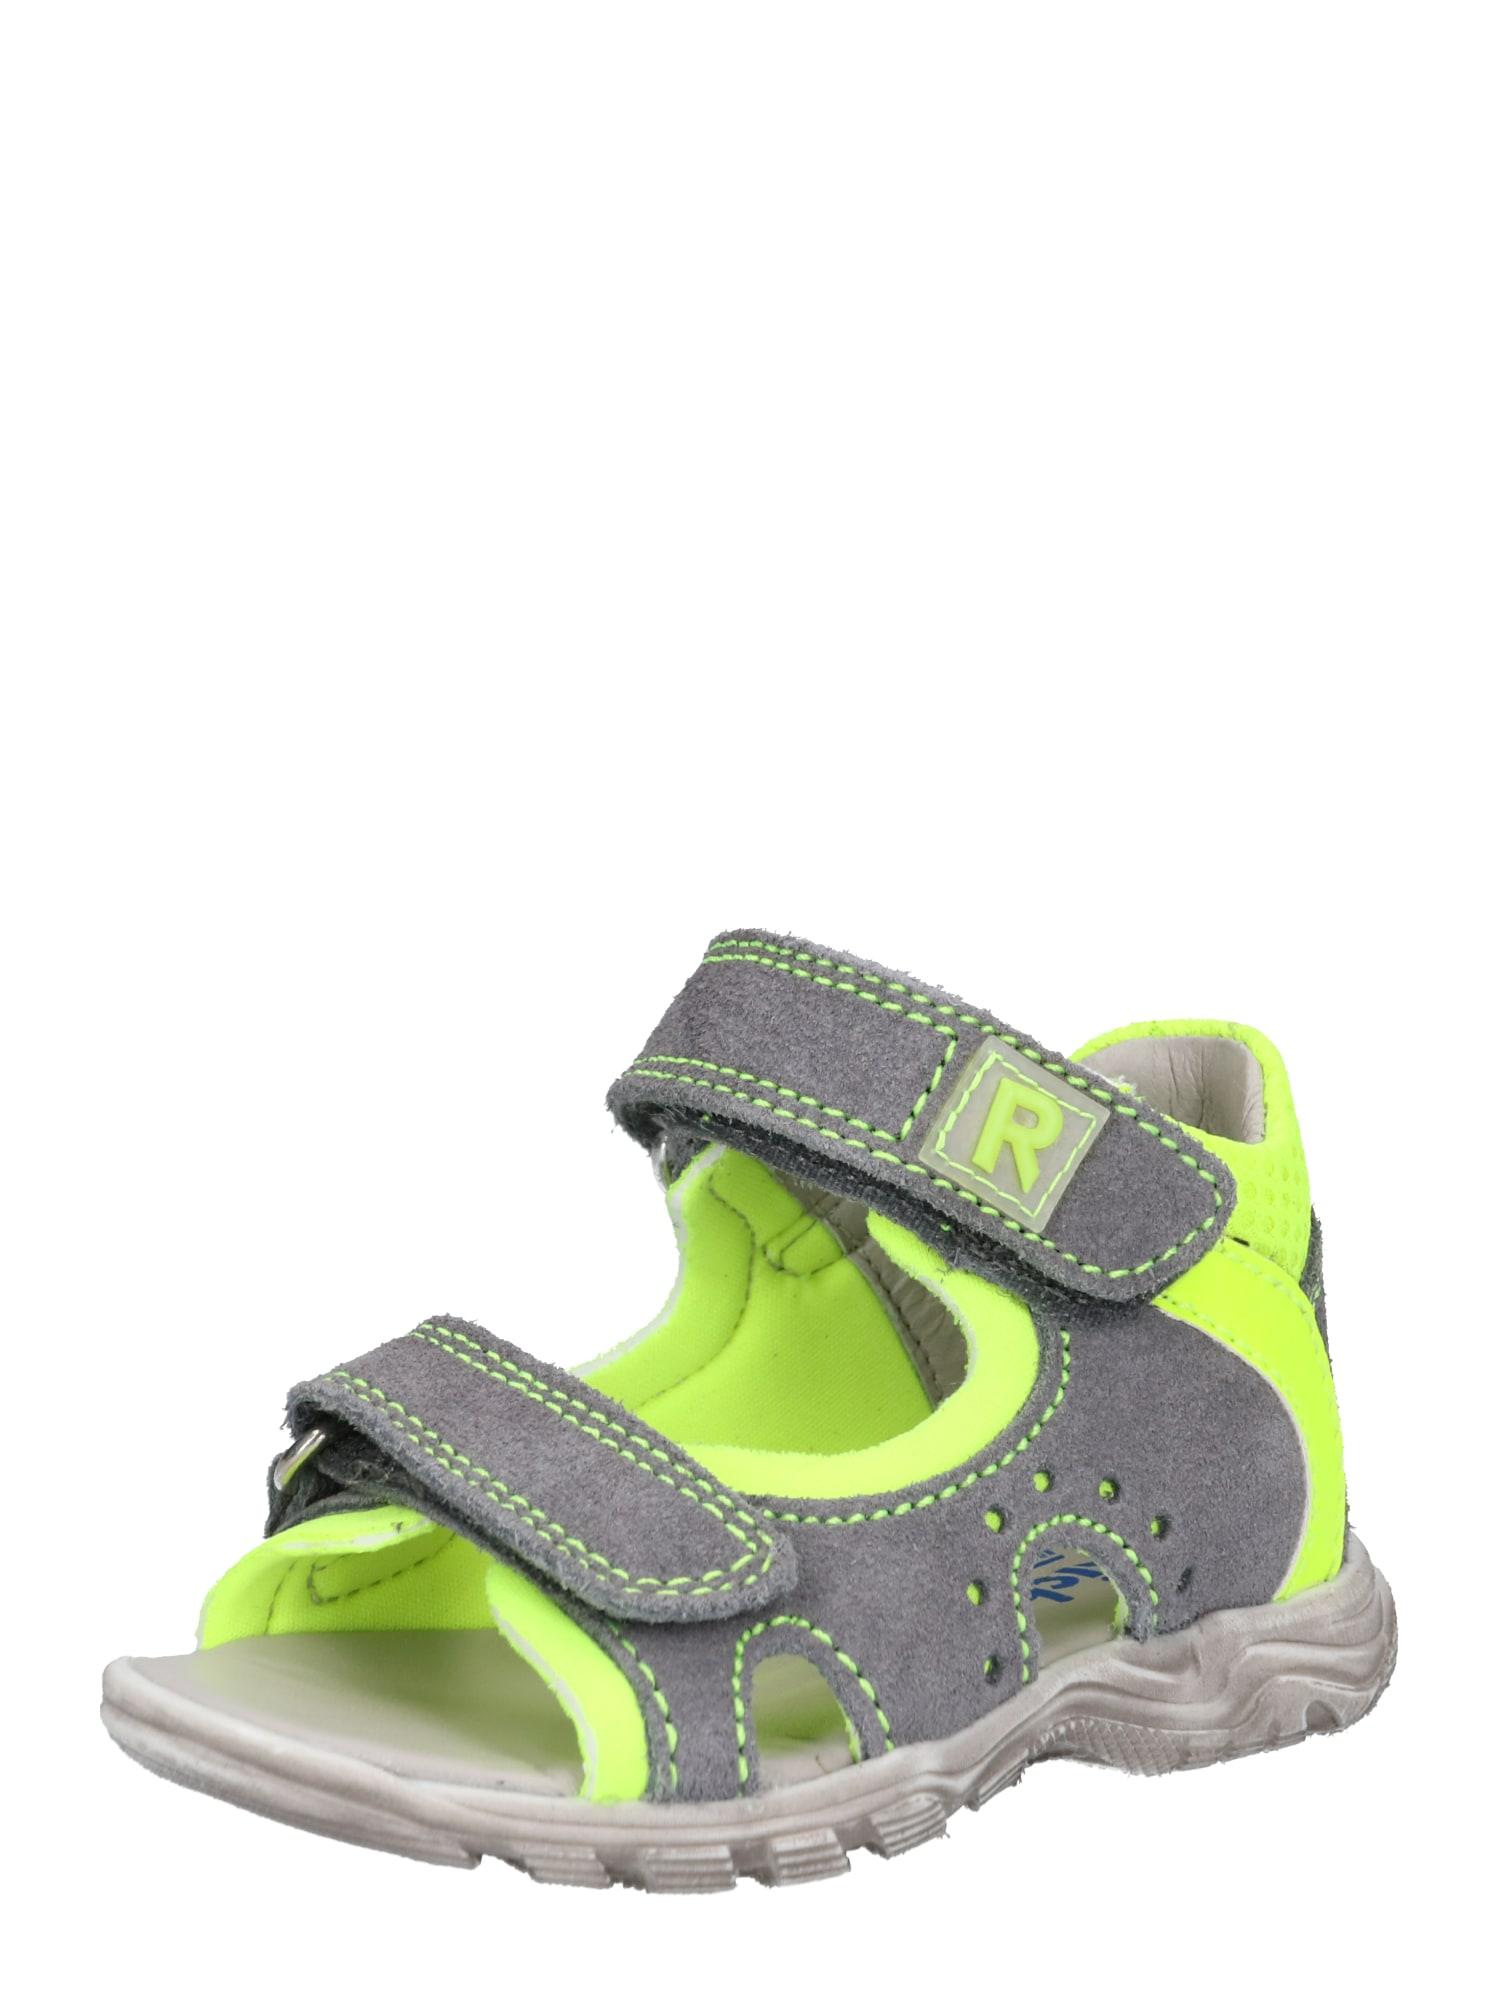 Sandály 2306 543 svítivě žlutá šedá RICHTER